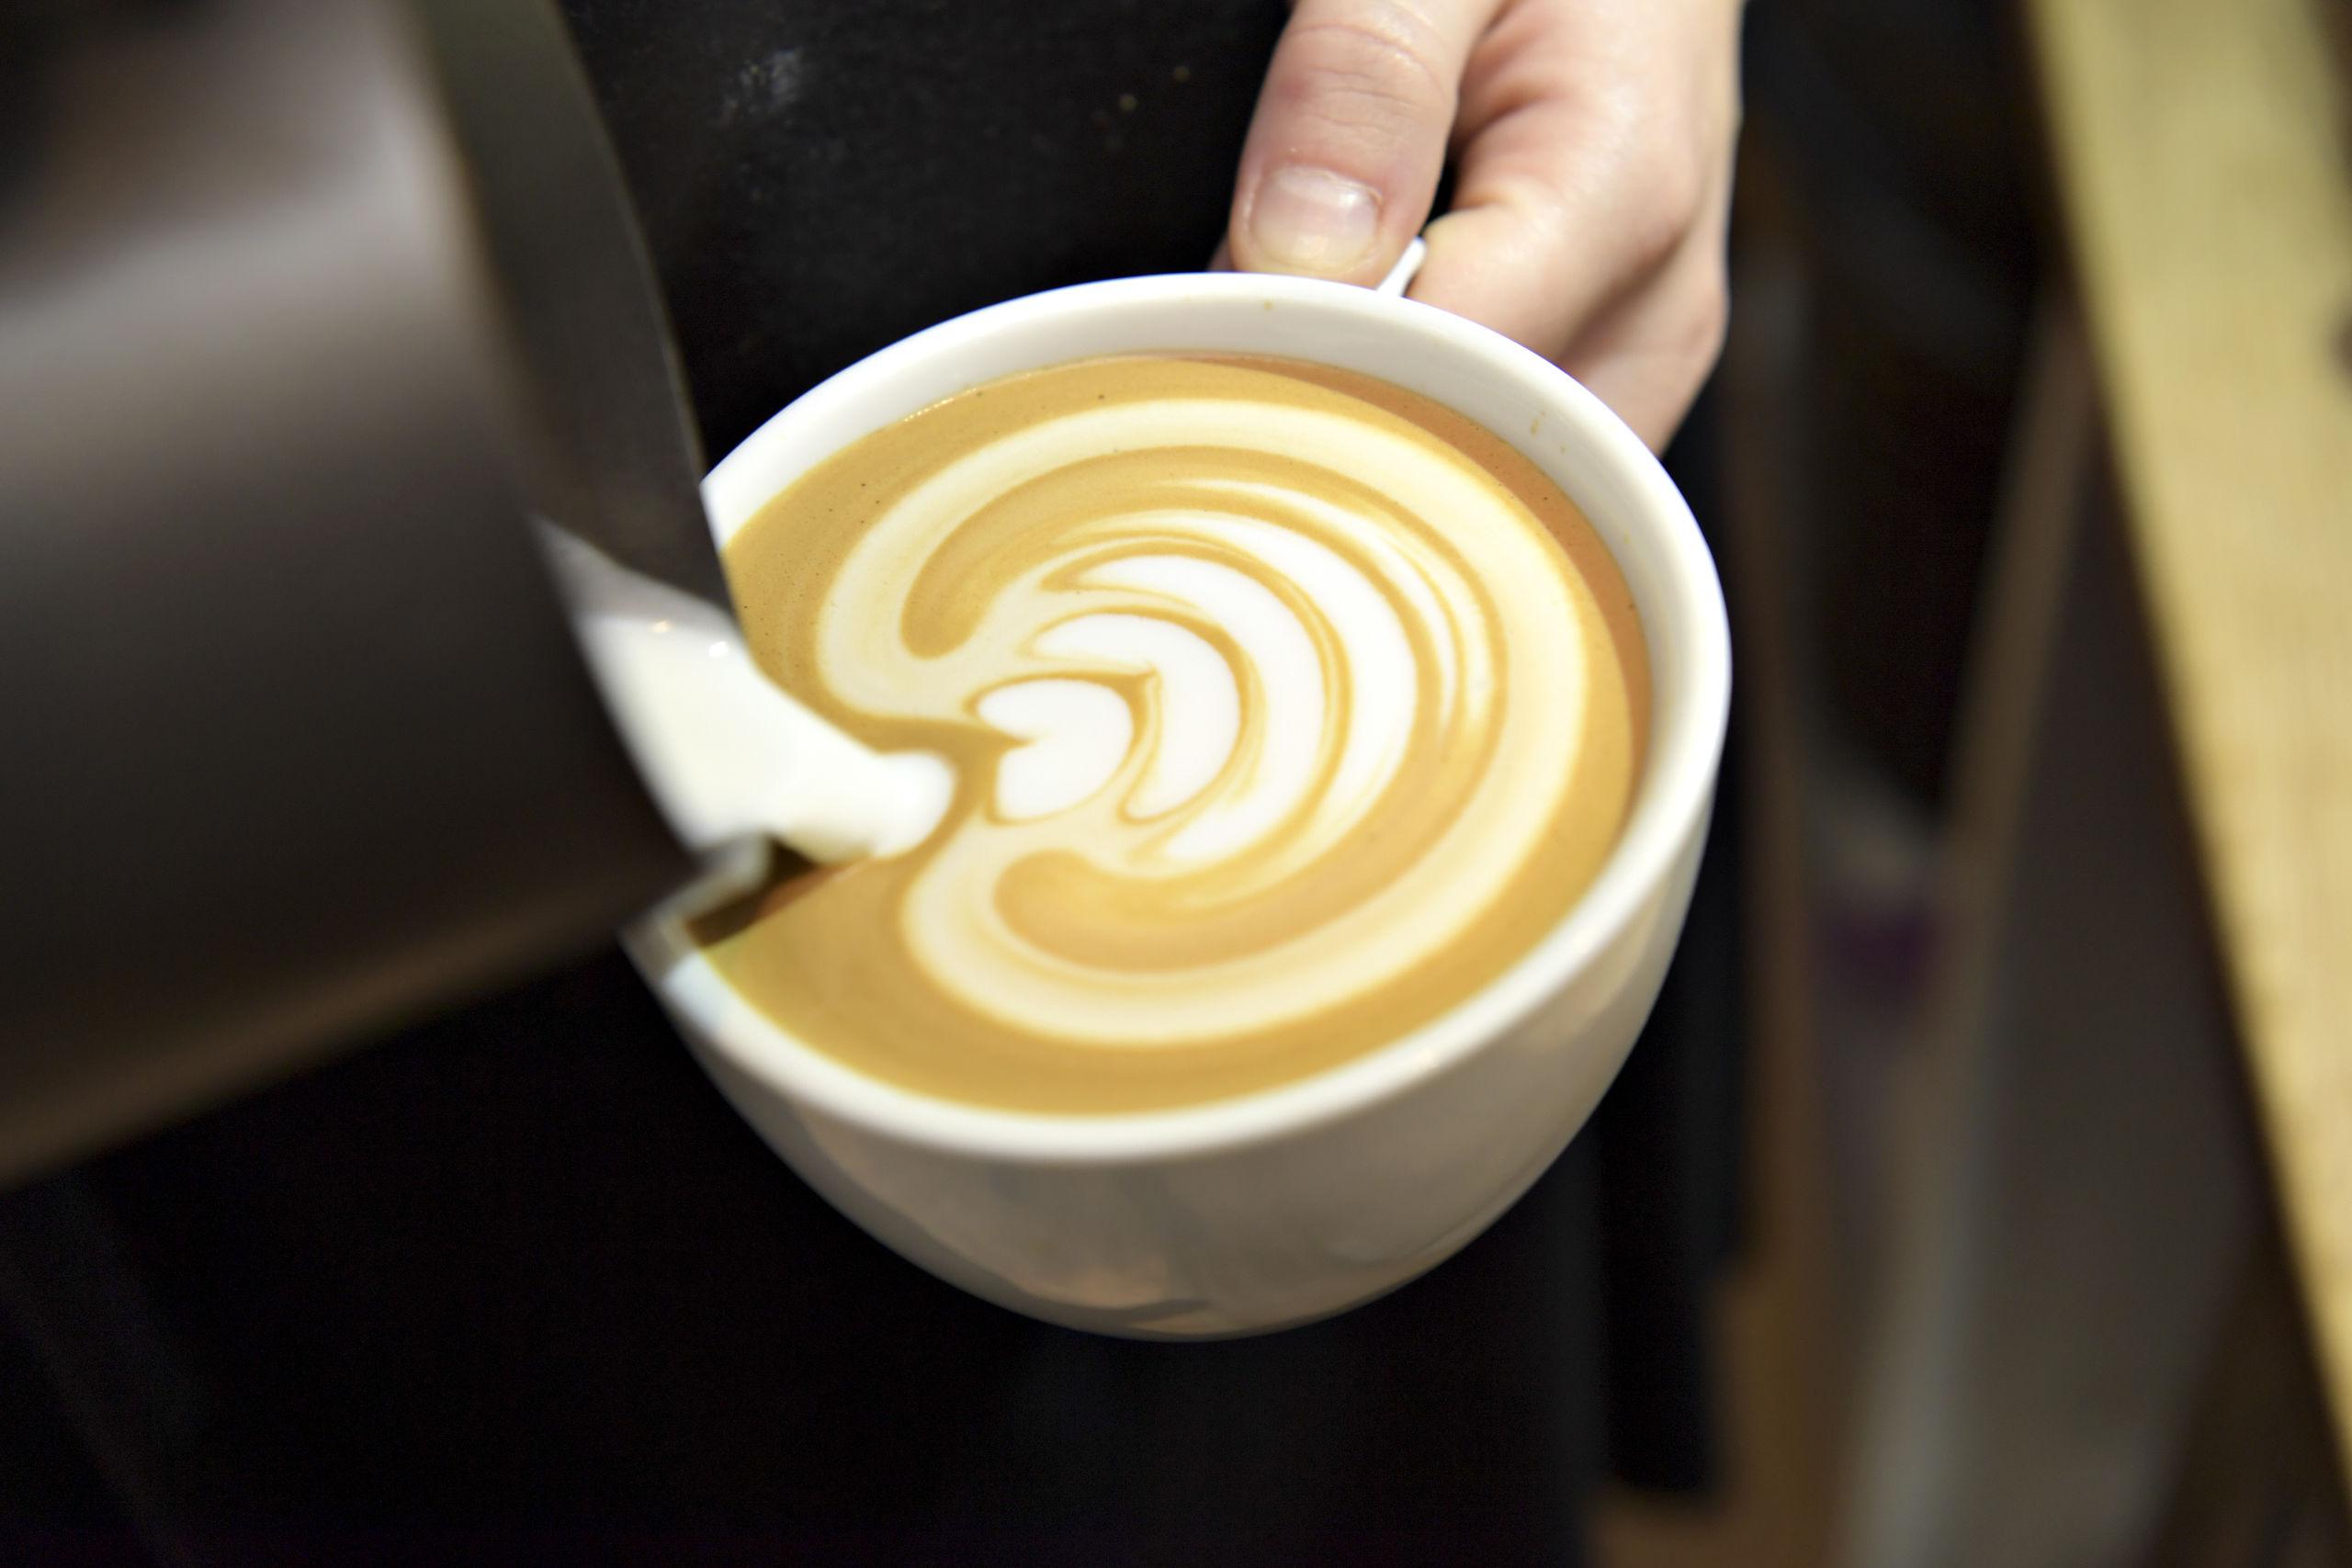 Du må snart sige farvel til en af byens markante kaffebarer. Arkivfoto: Bent Bach